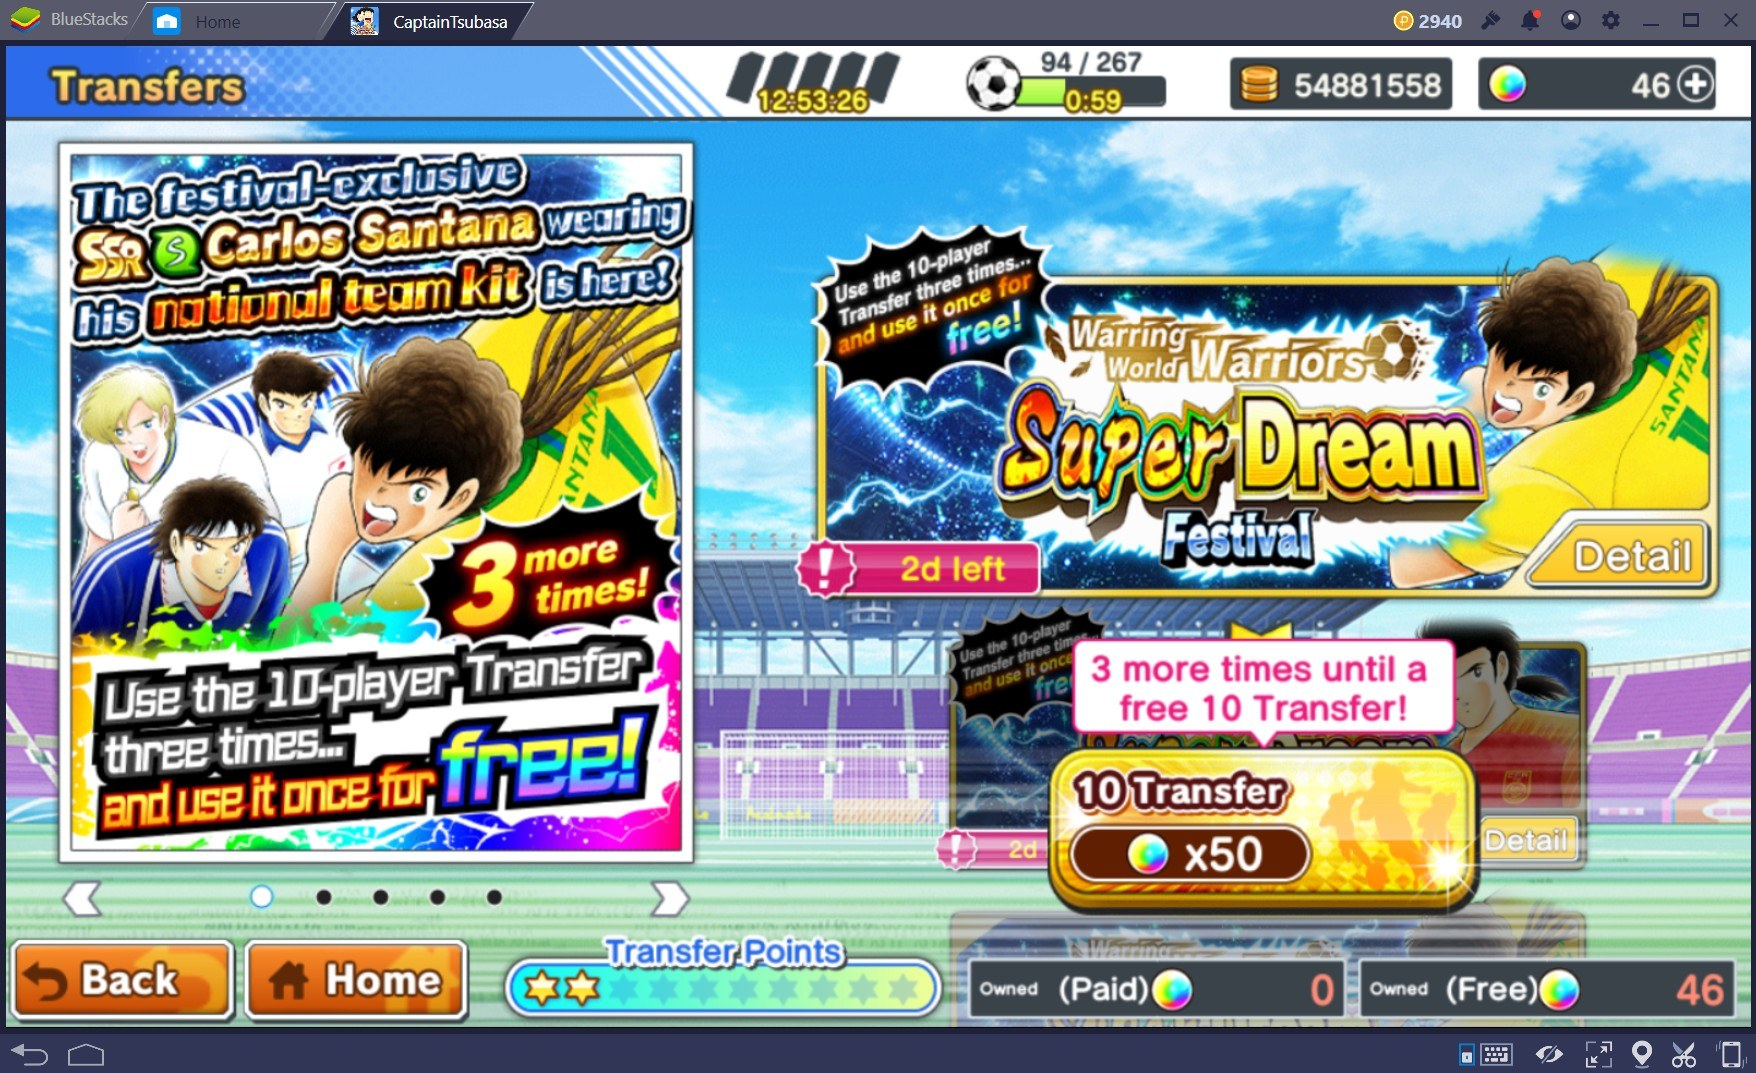 Captain Tsubasa: Dream Team – Khám phá sức mạnh Santana và Xiao Junguang Dreamfest